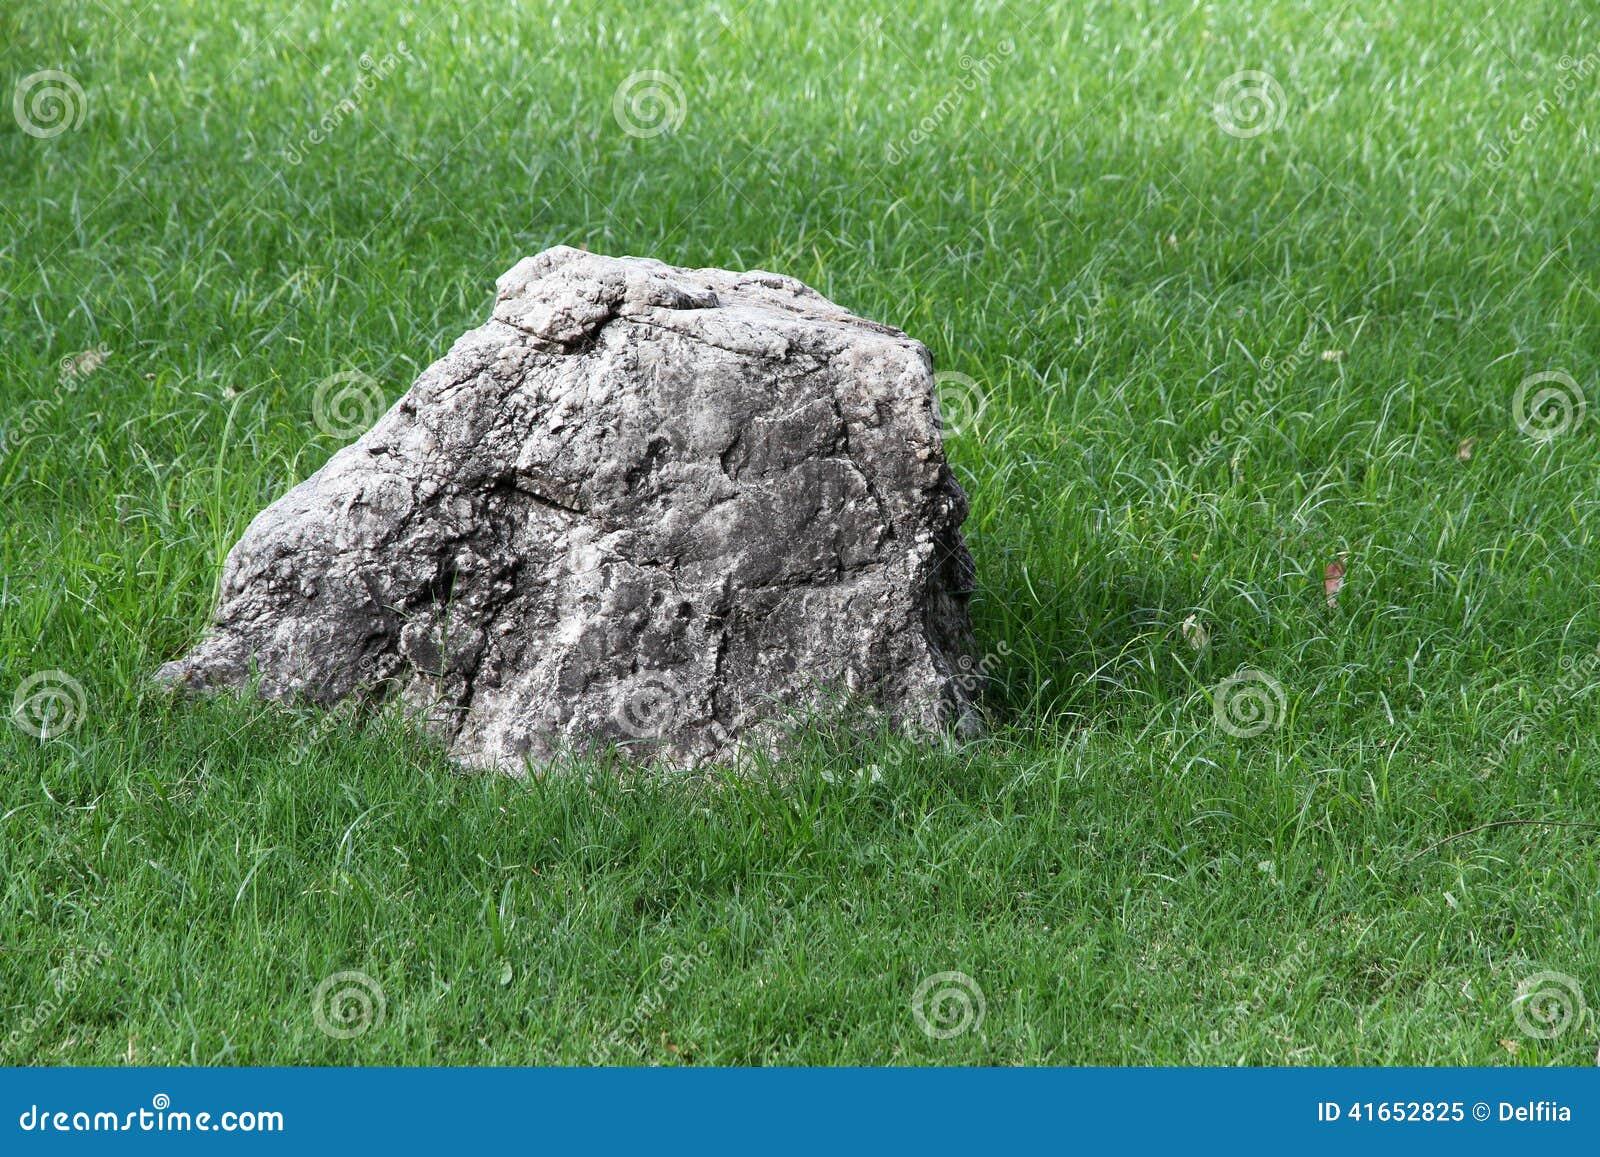 Большой камень среди зеленой травы символ